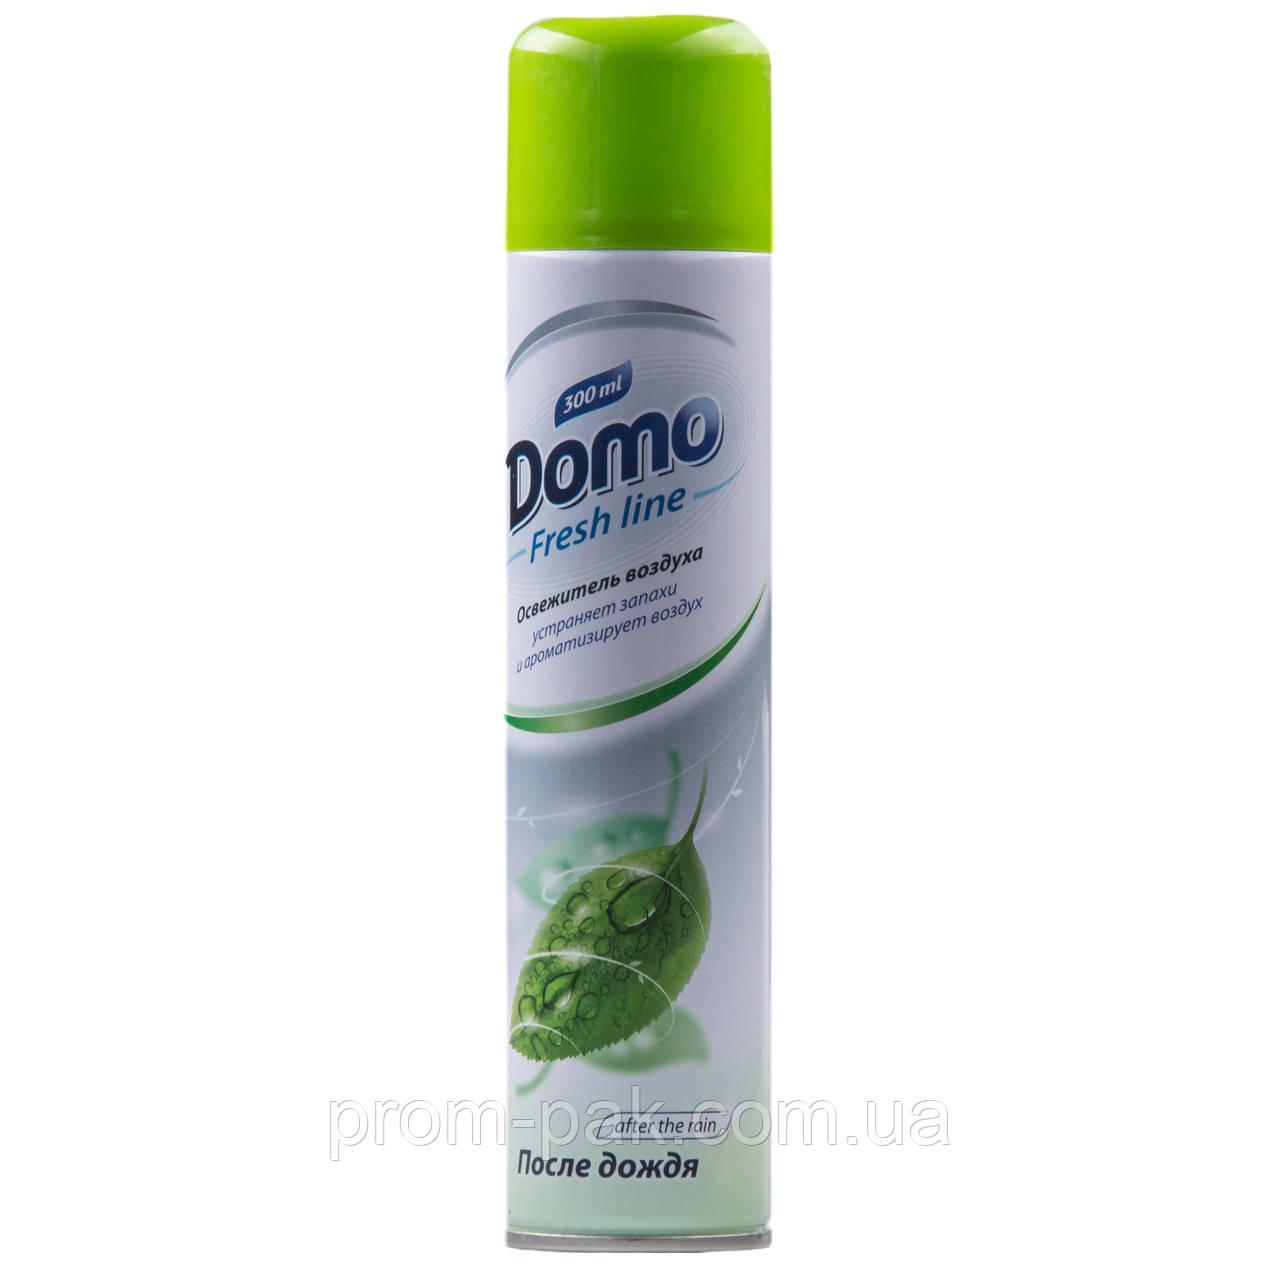 Освежитель воздуха Domo 300 ml после дождя